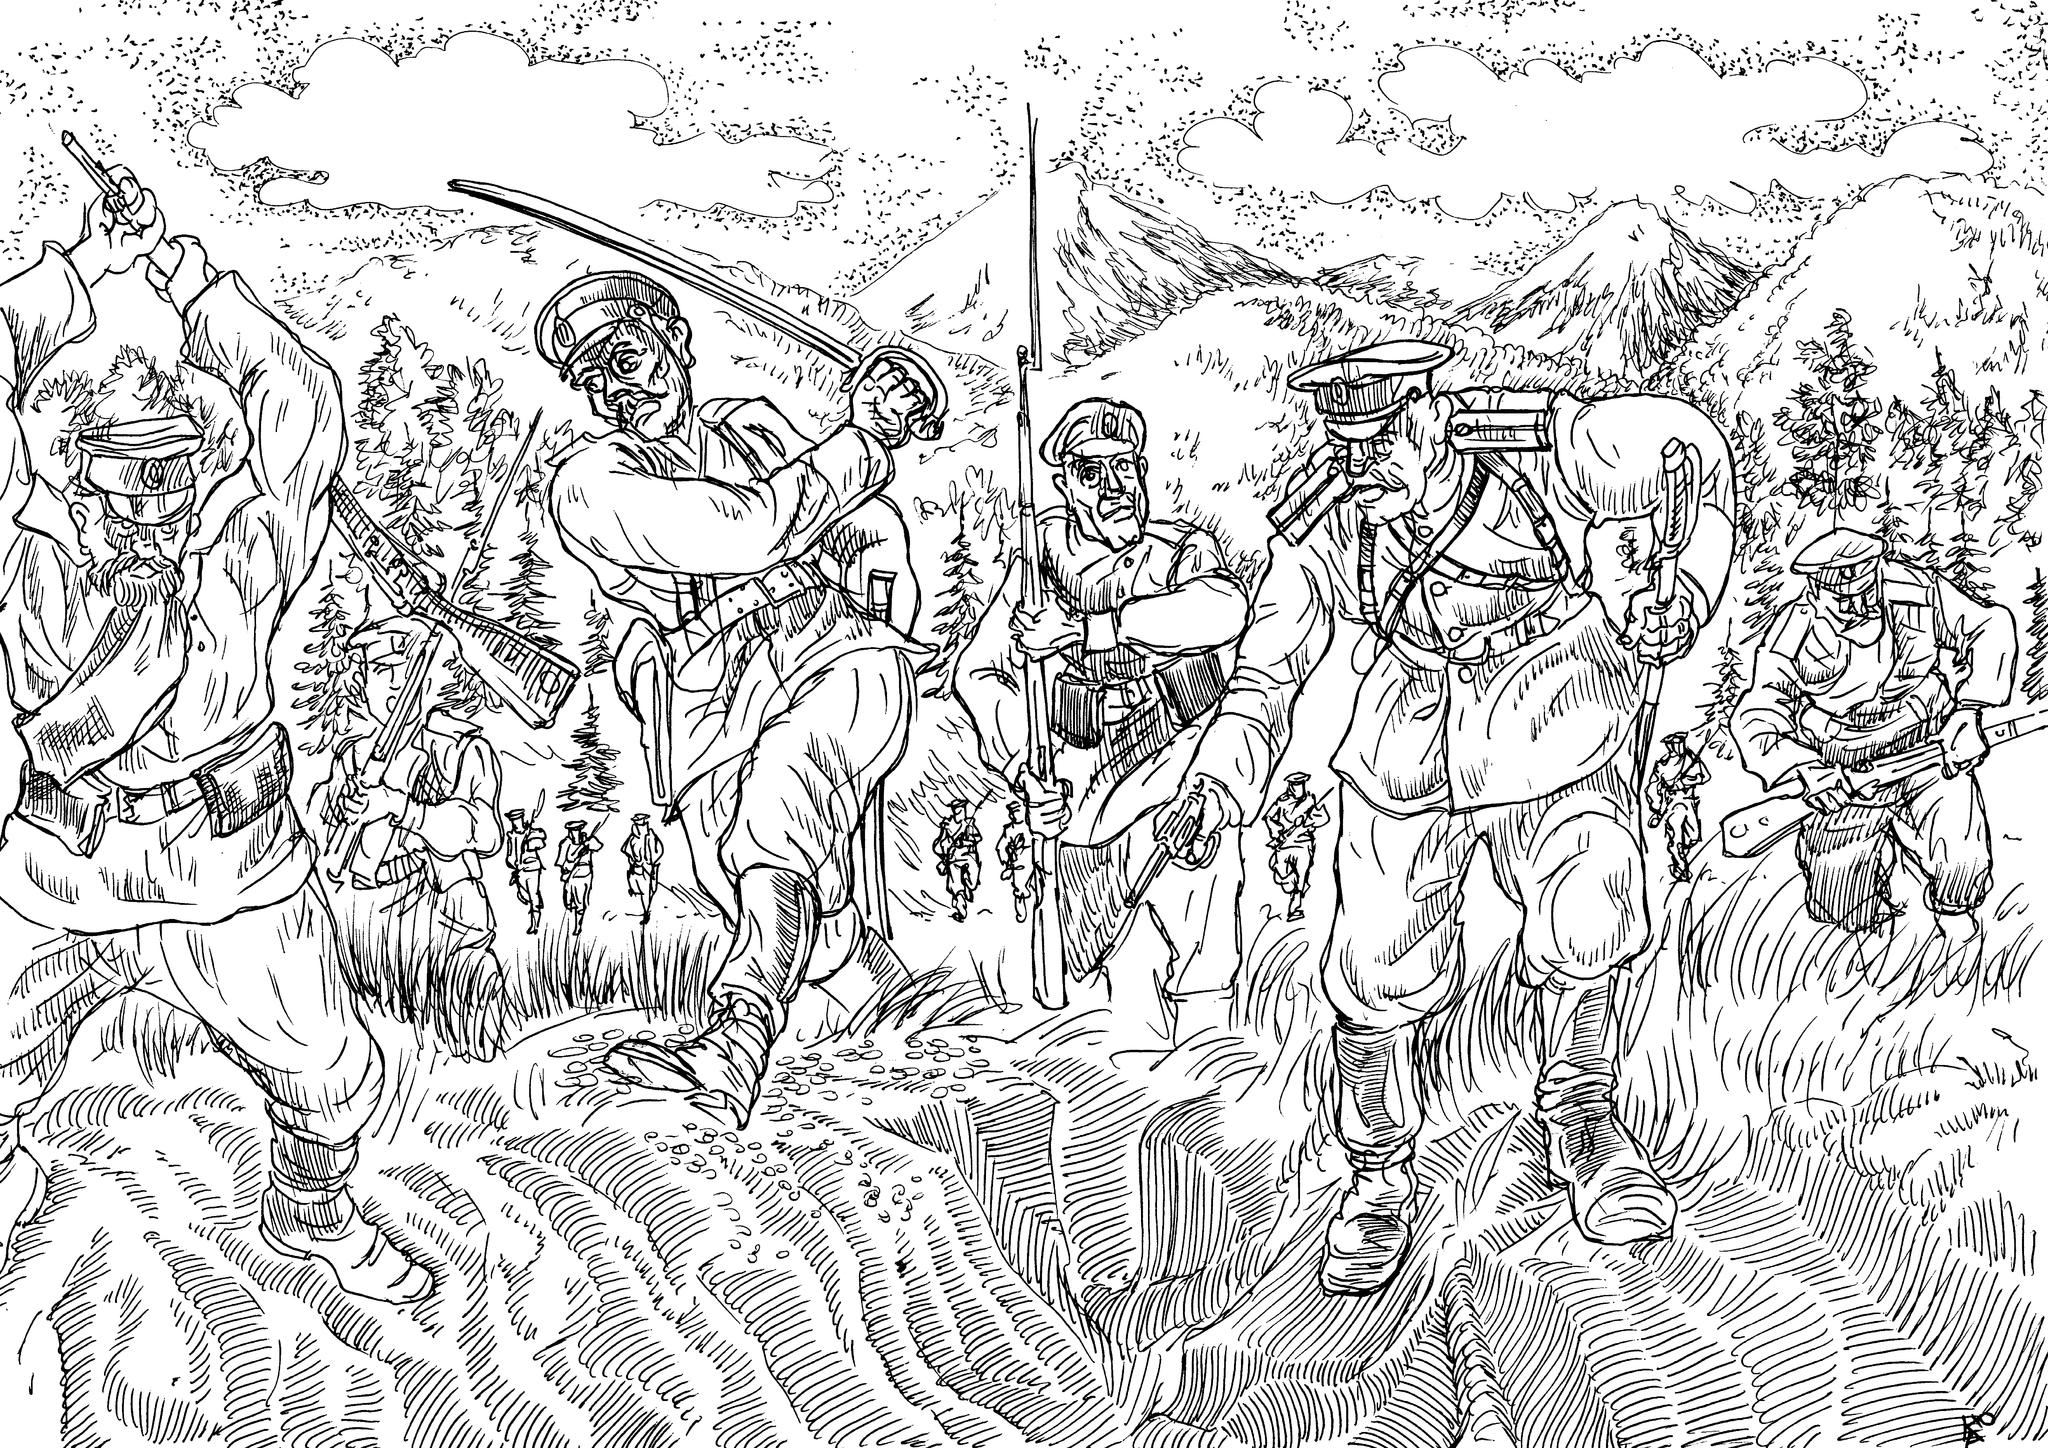 Атака первой роты 37-го Екатеринбургского пехотного Полка на позиции противника